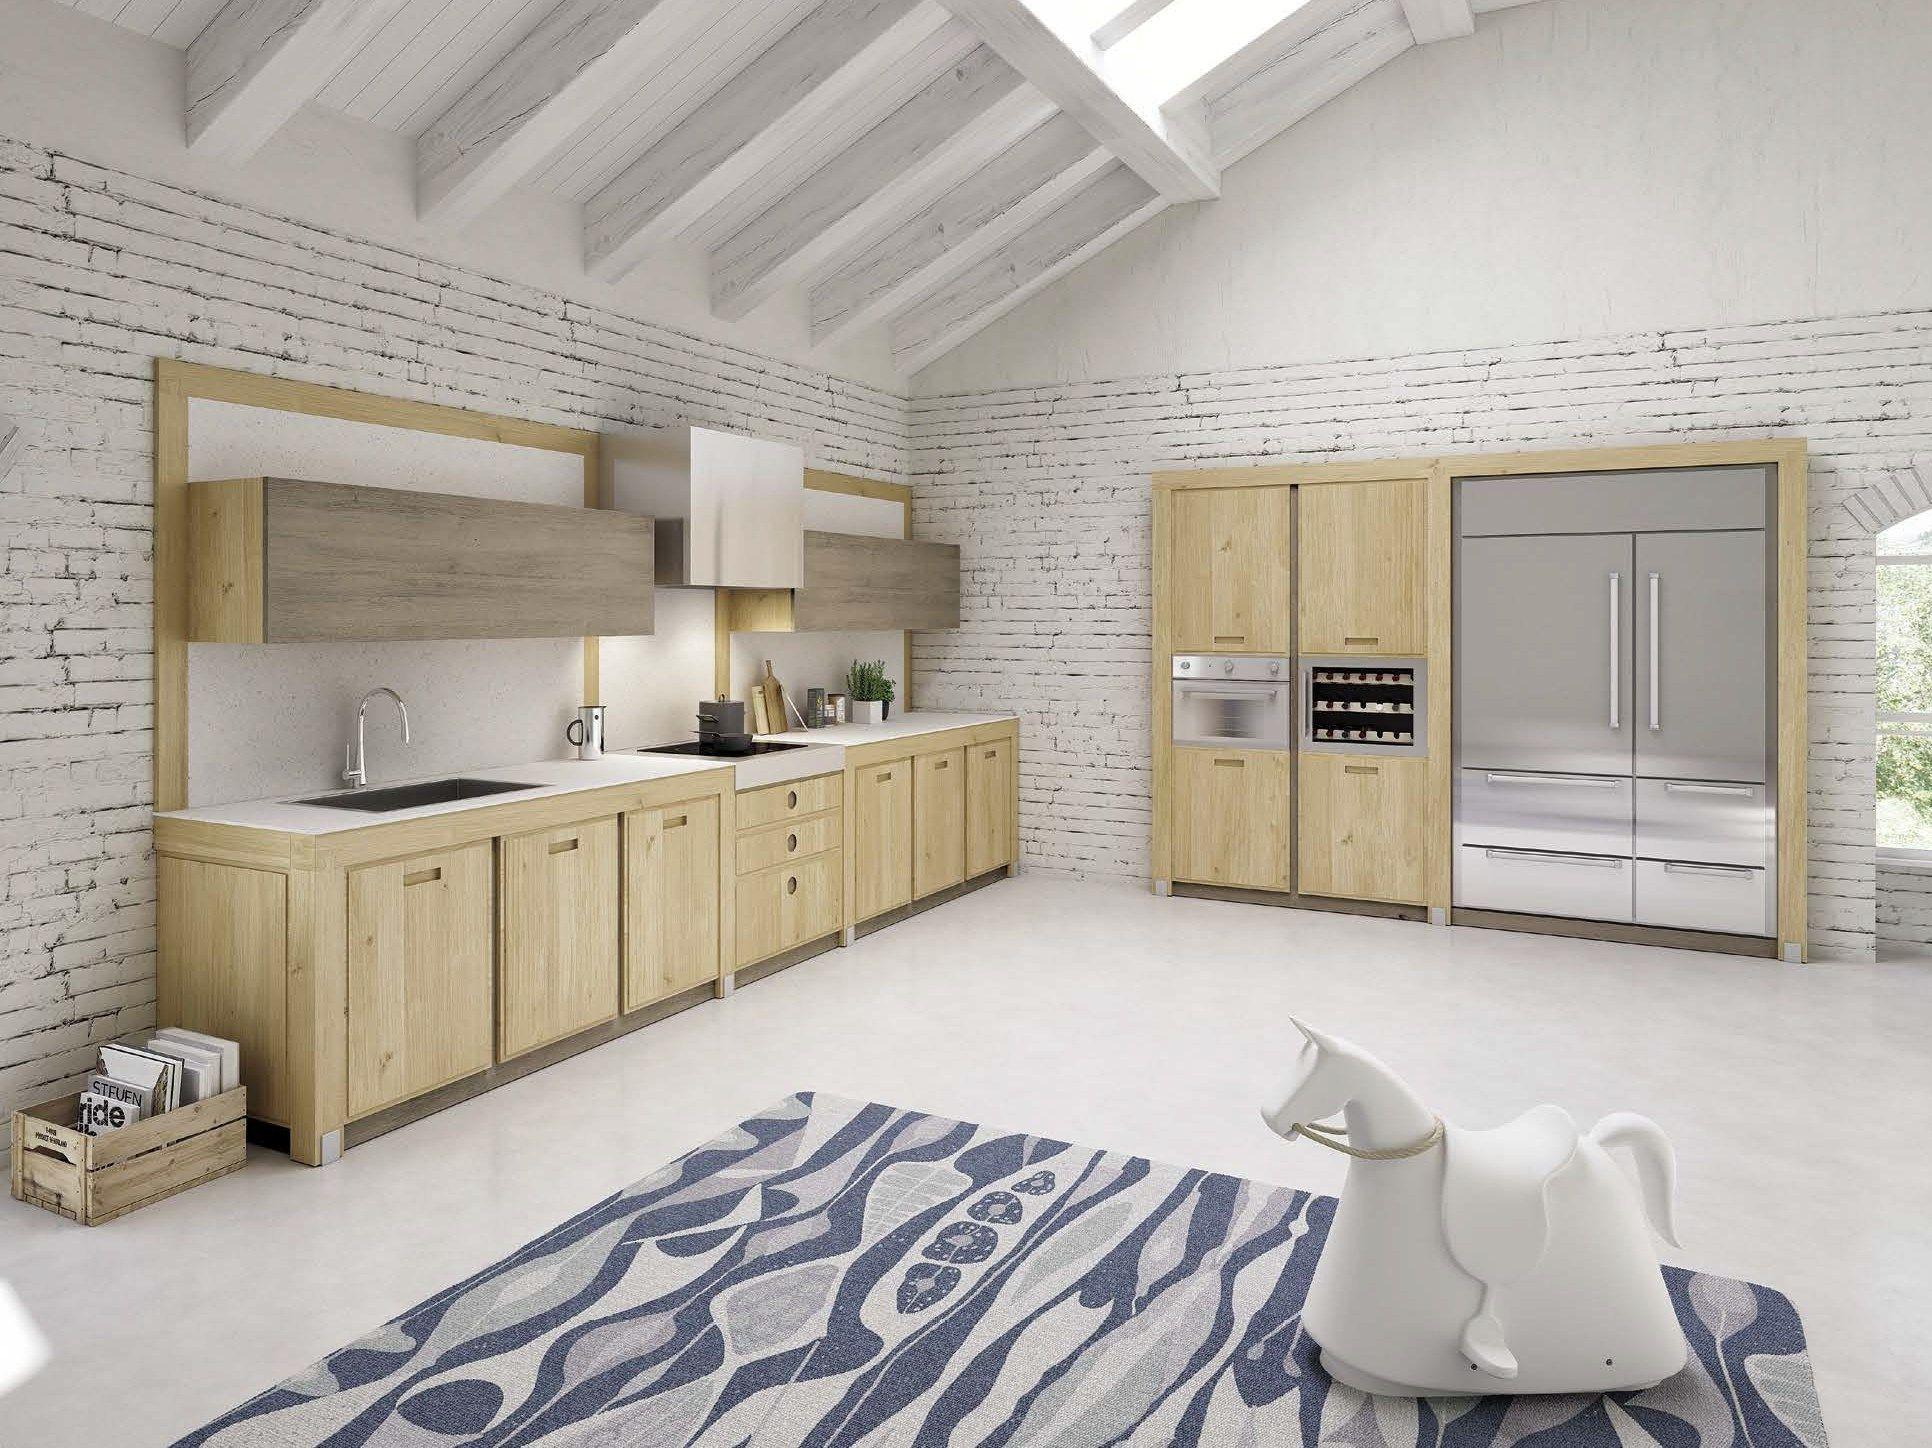 Cuisine lin aire en ch ne roverissima by domus arte design for Cuisine lineaire 4 metres